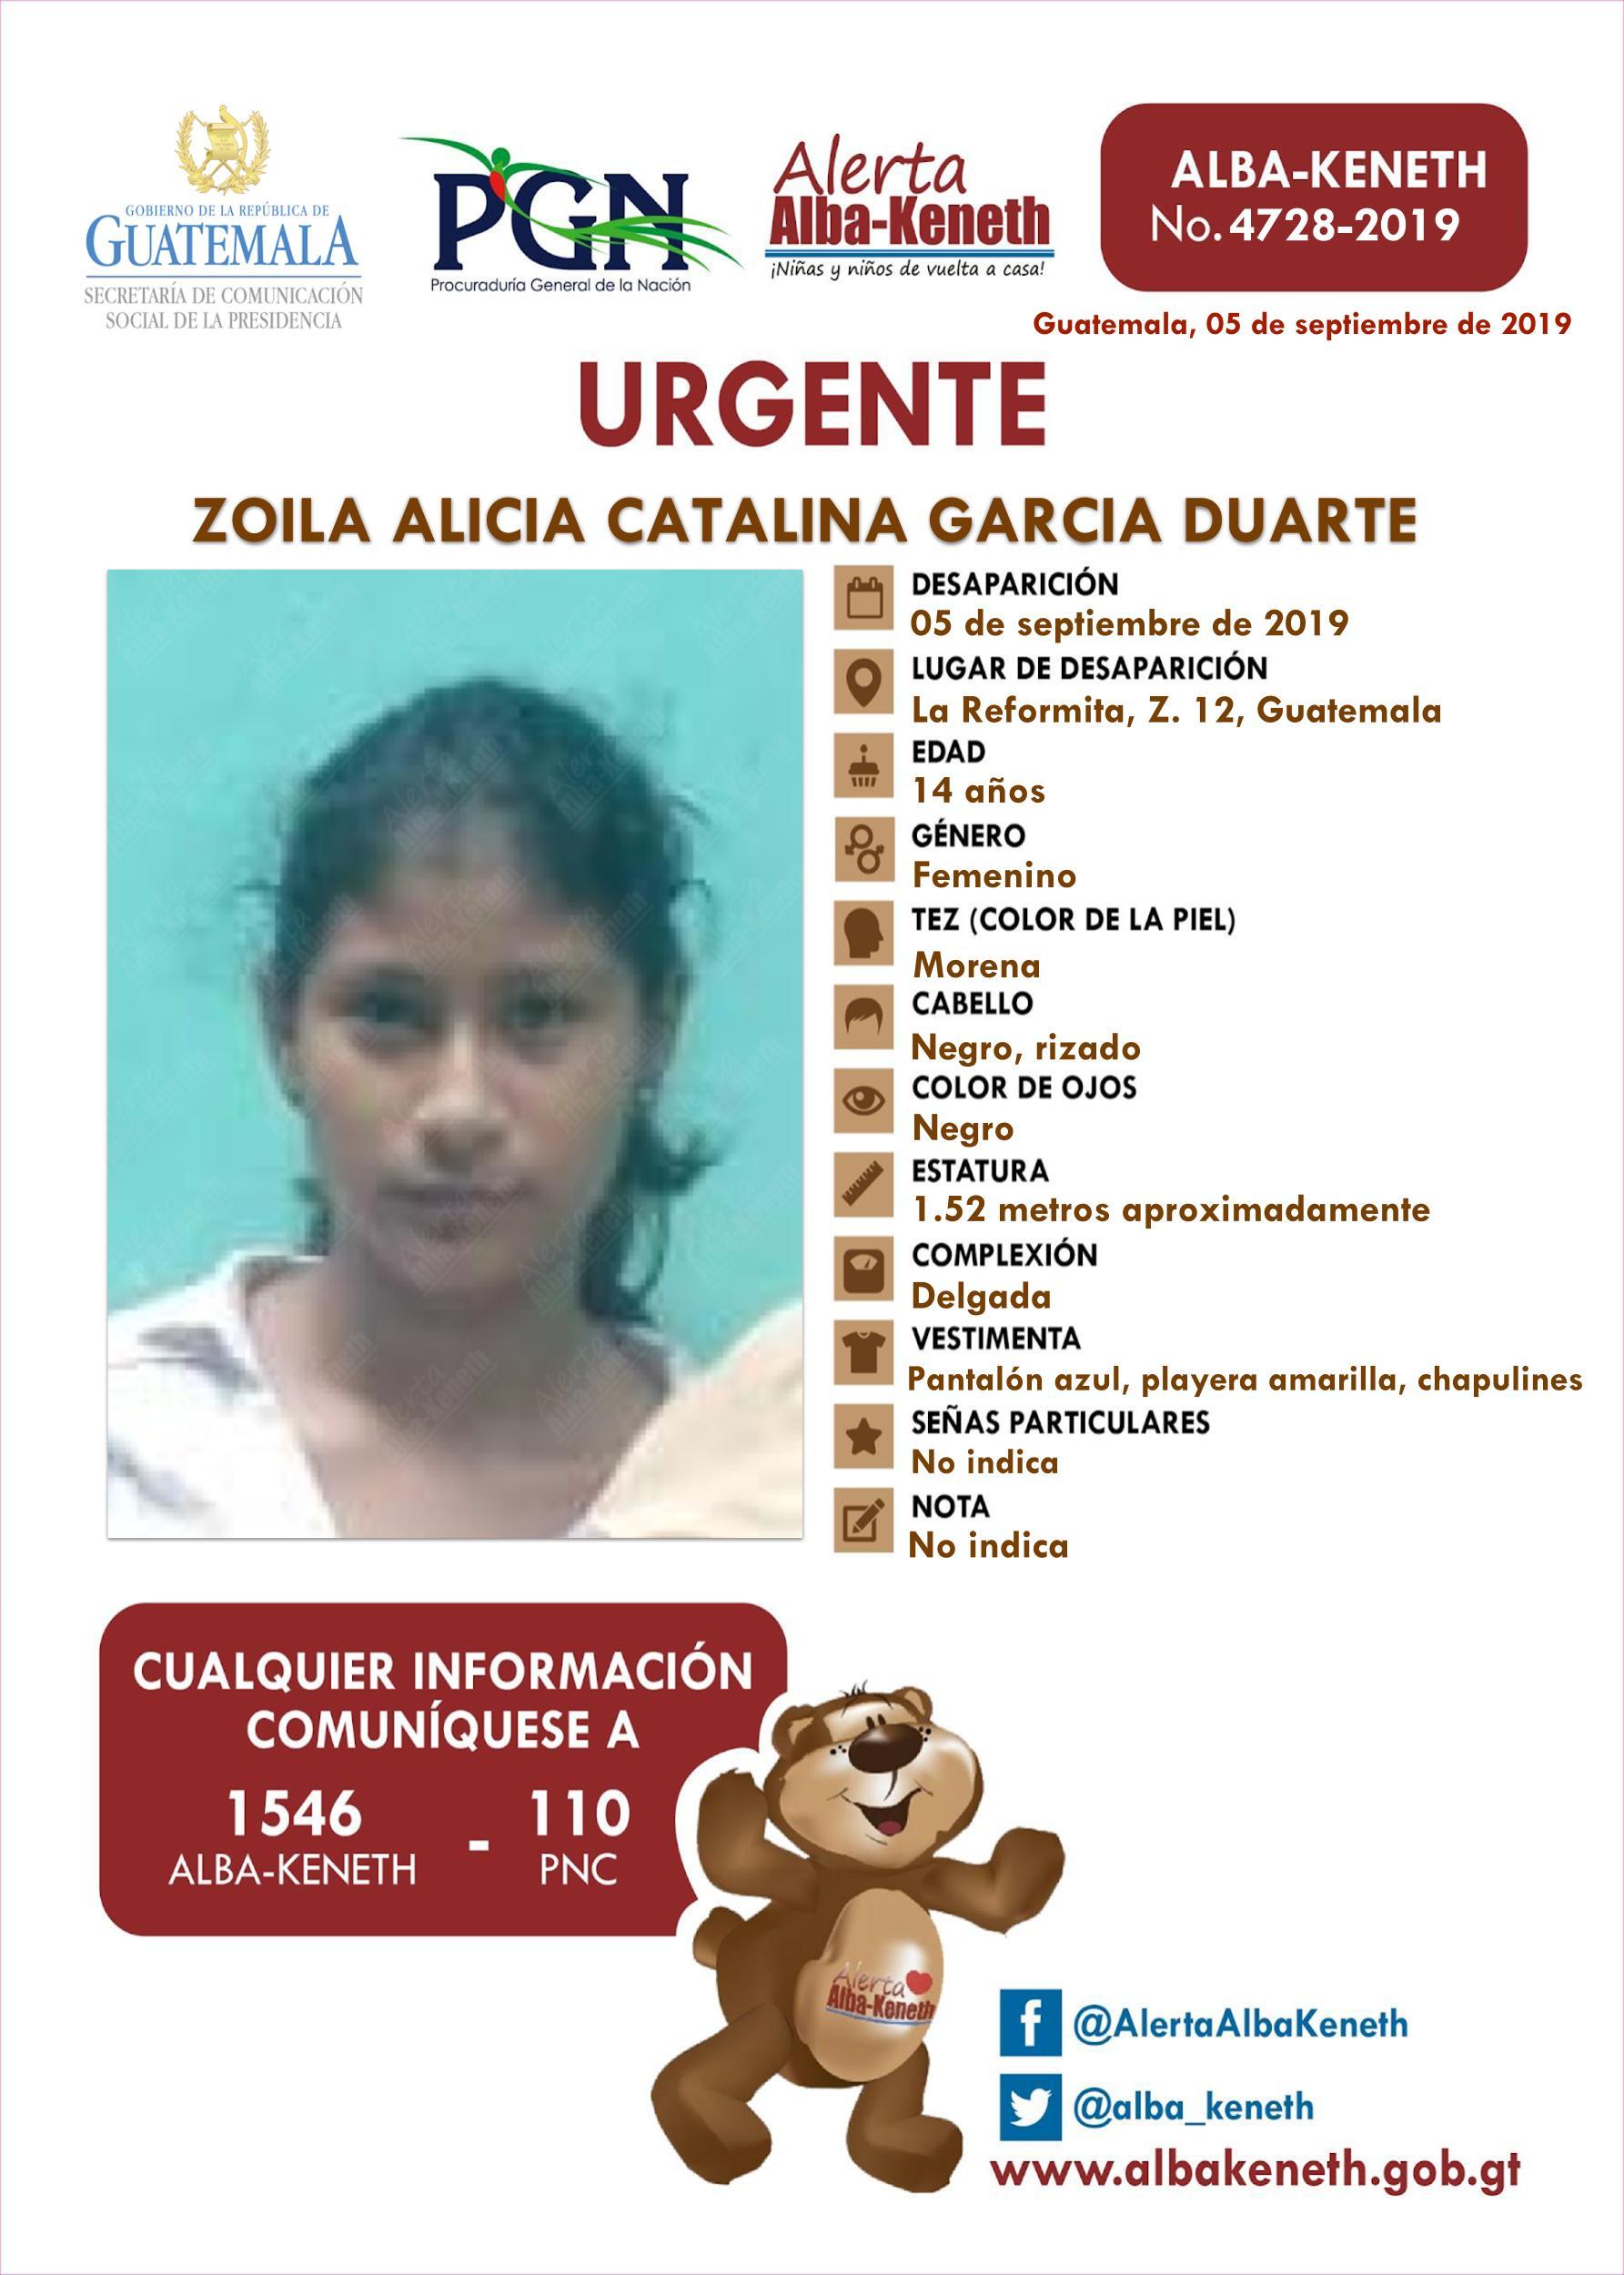 Zoila Alicia Catalina Garcia Duarte